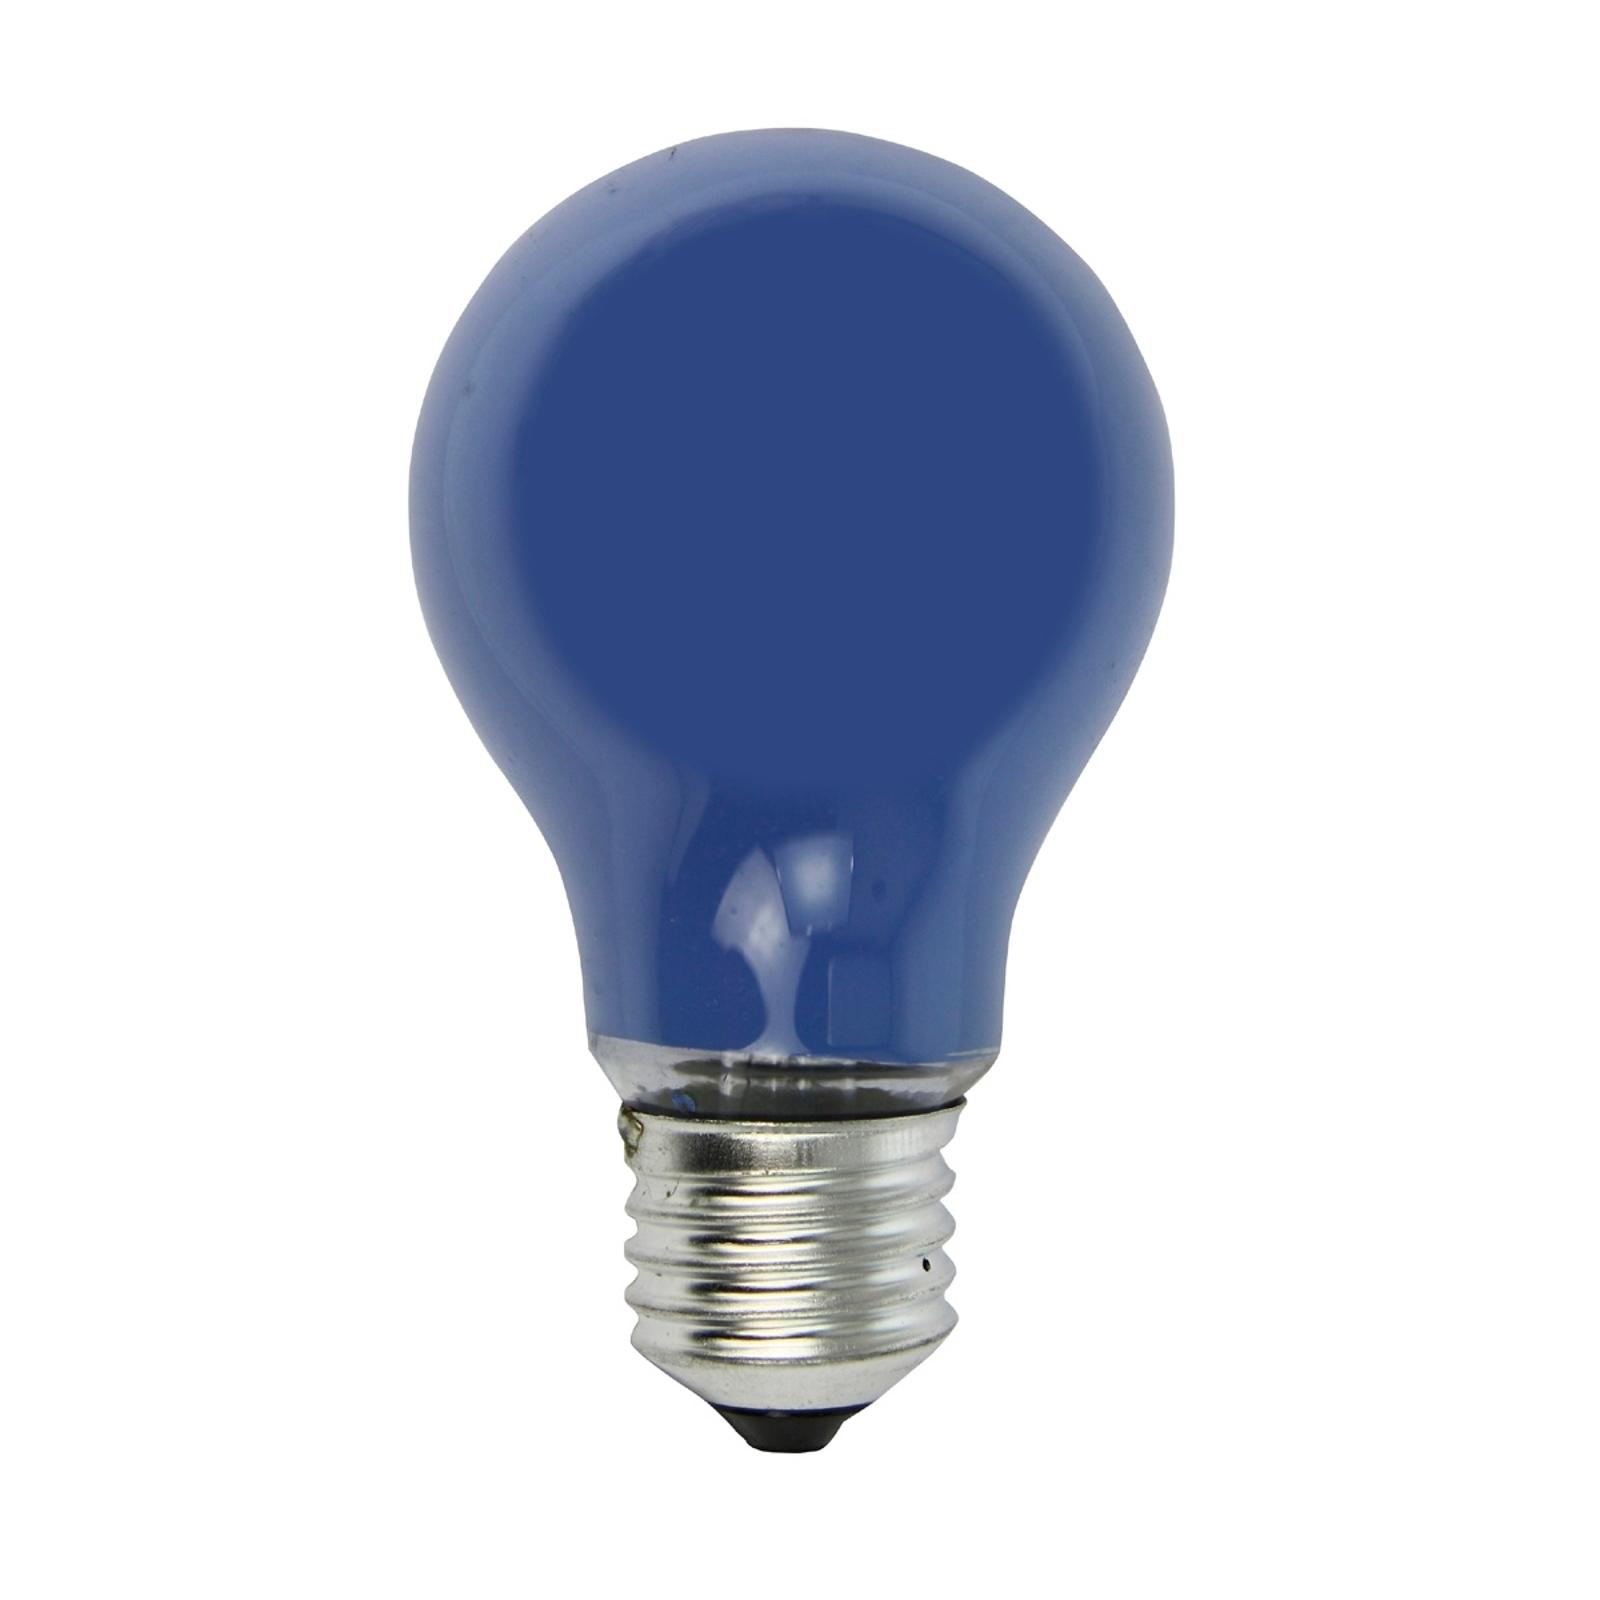 E27 40W glødepære til lyskæder, i blå